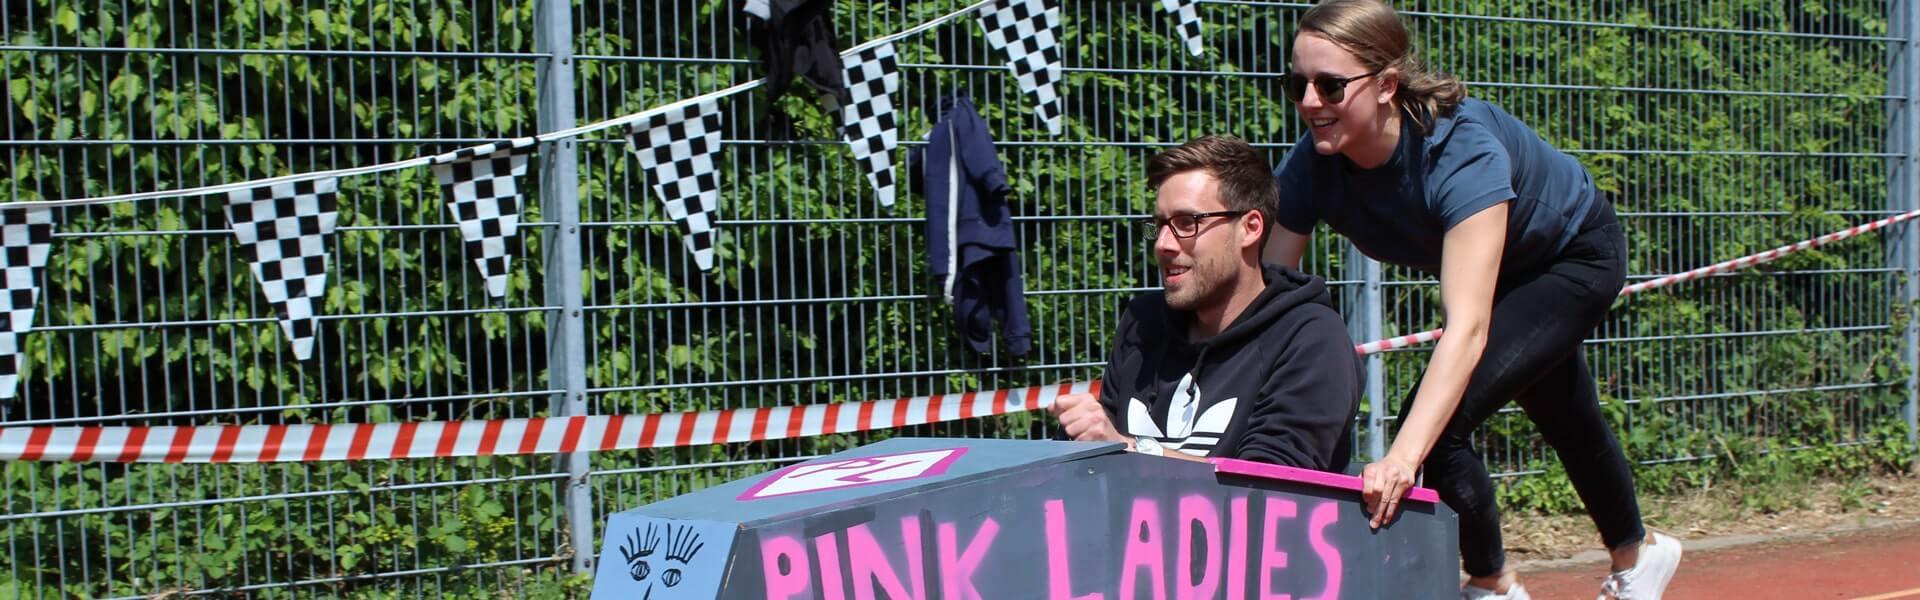 Ein Rennen mit Seifenkisten als Outdoort Teambuilding Idee deutschlandweit mit b-ceed durchführen